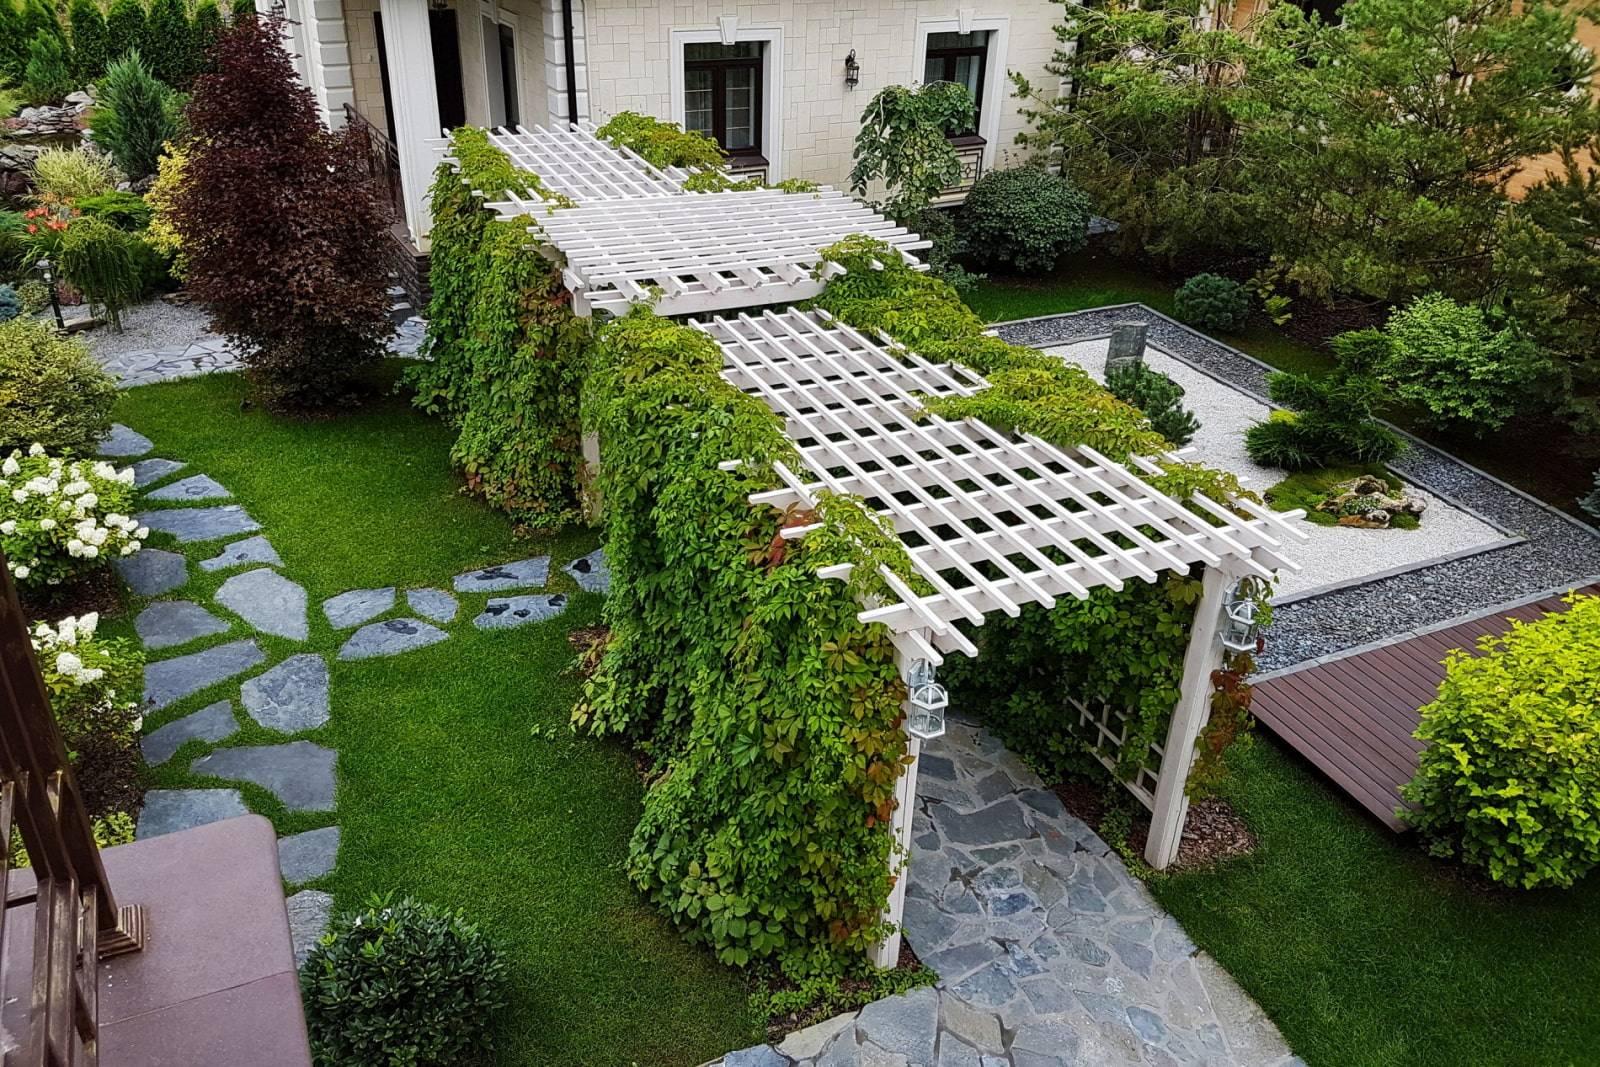 Ландшафтный дизайн узкого участка (55 фото): рекомендации по декору длинной территории перголами, клумбы рядом с домом